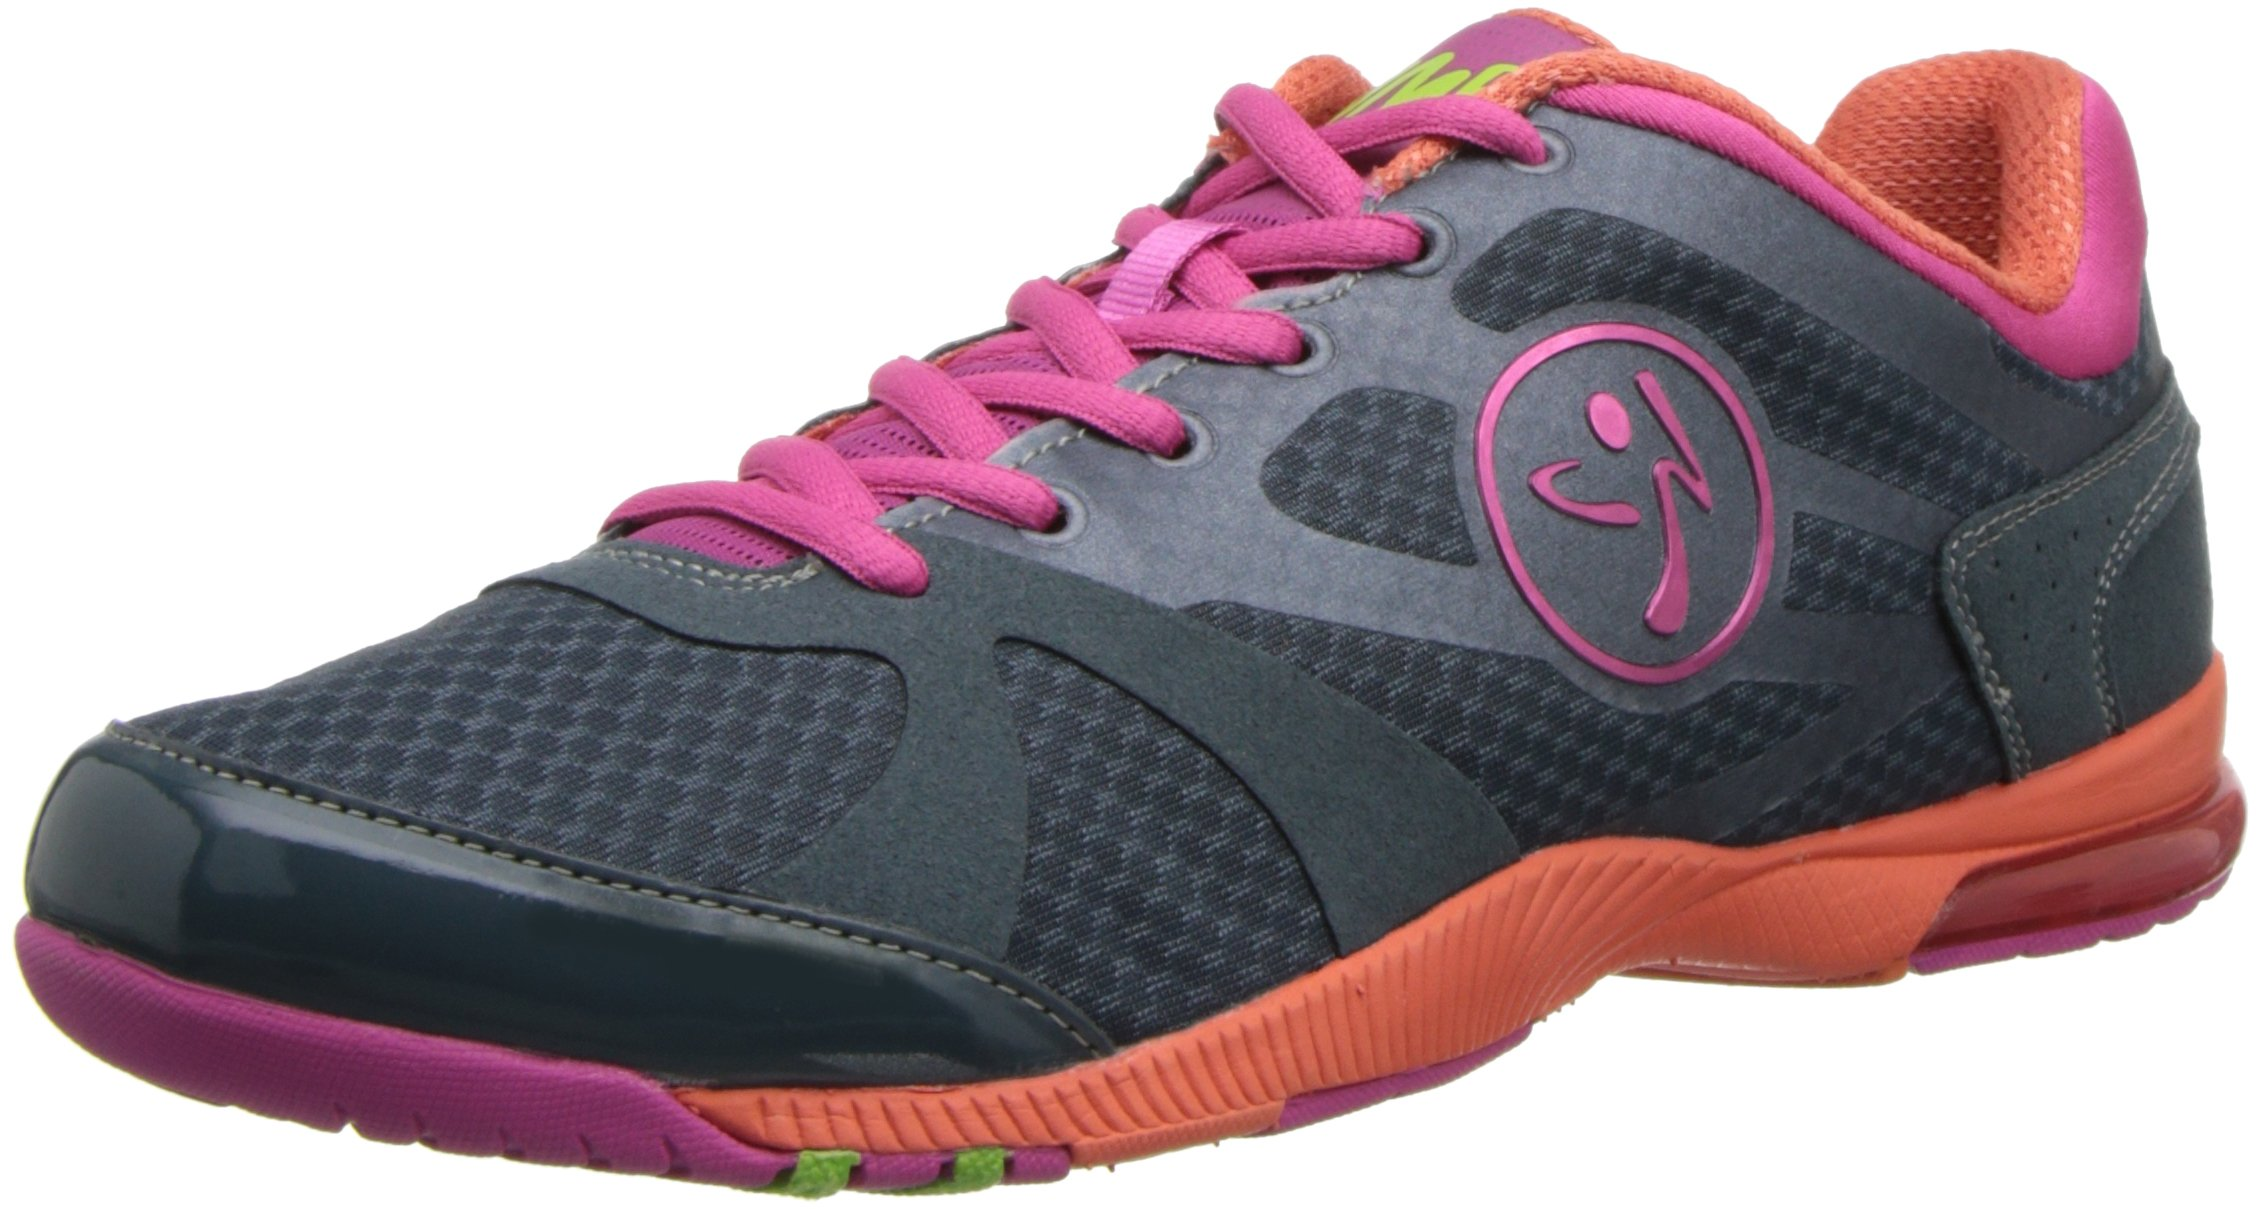 Zumba Women's Impact Max Sneaker